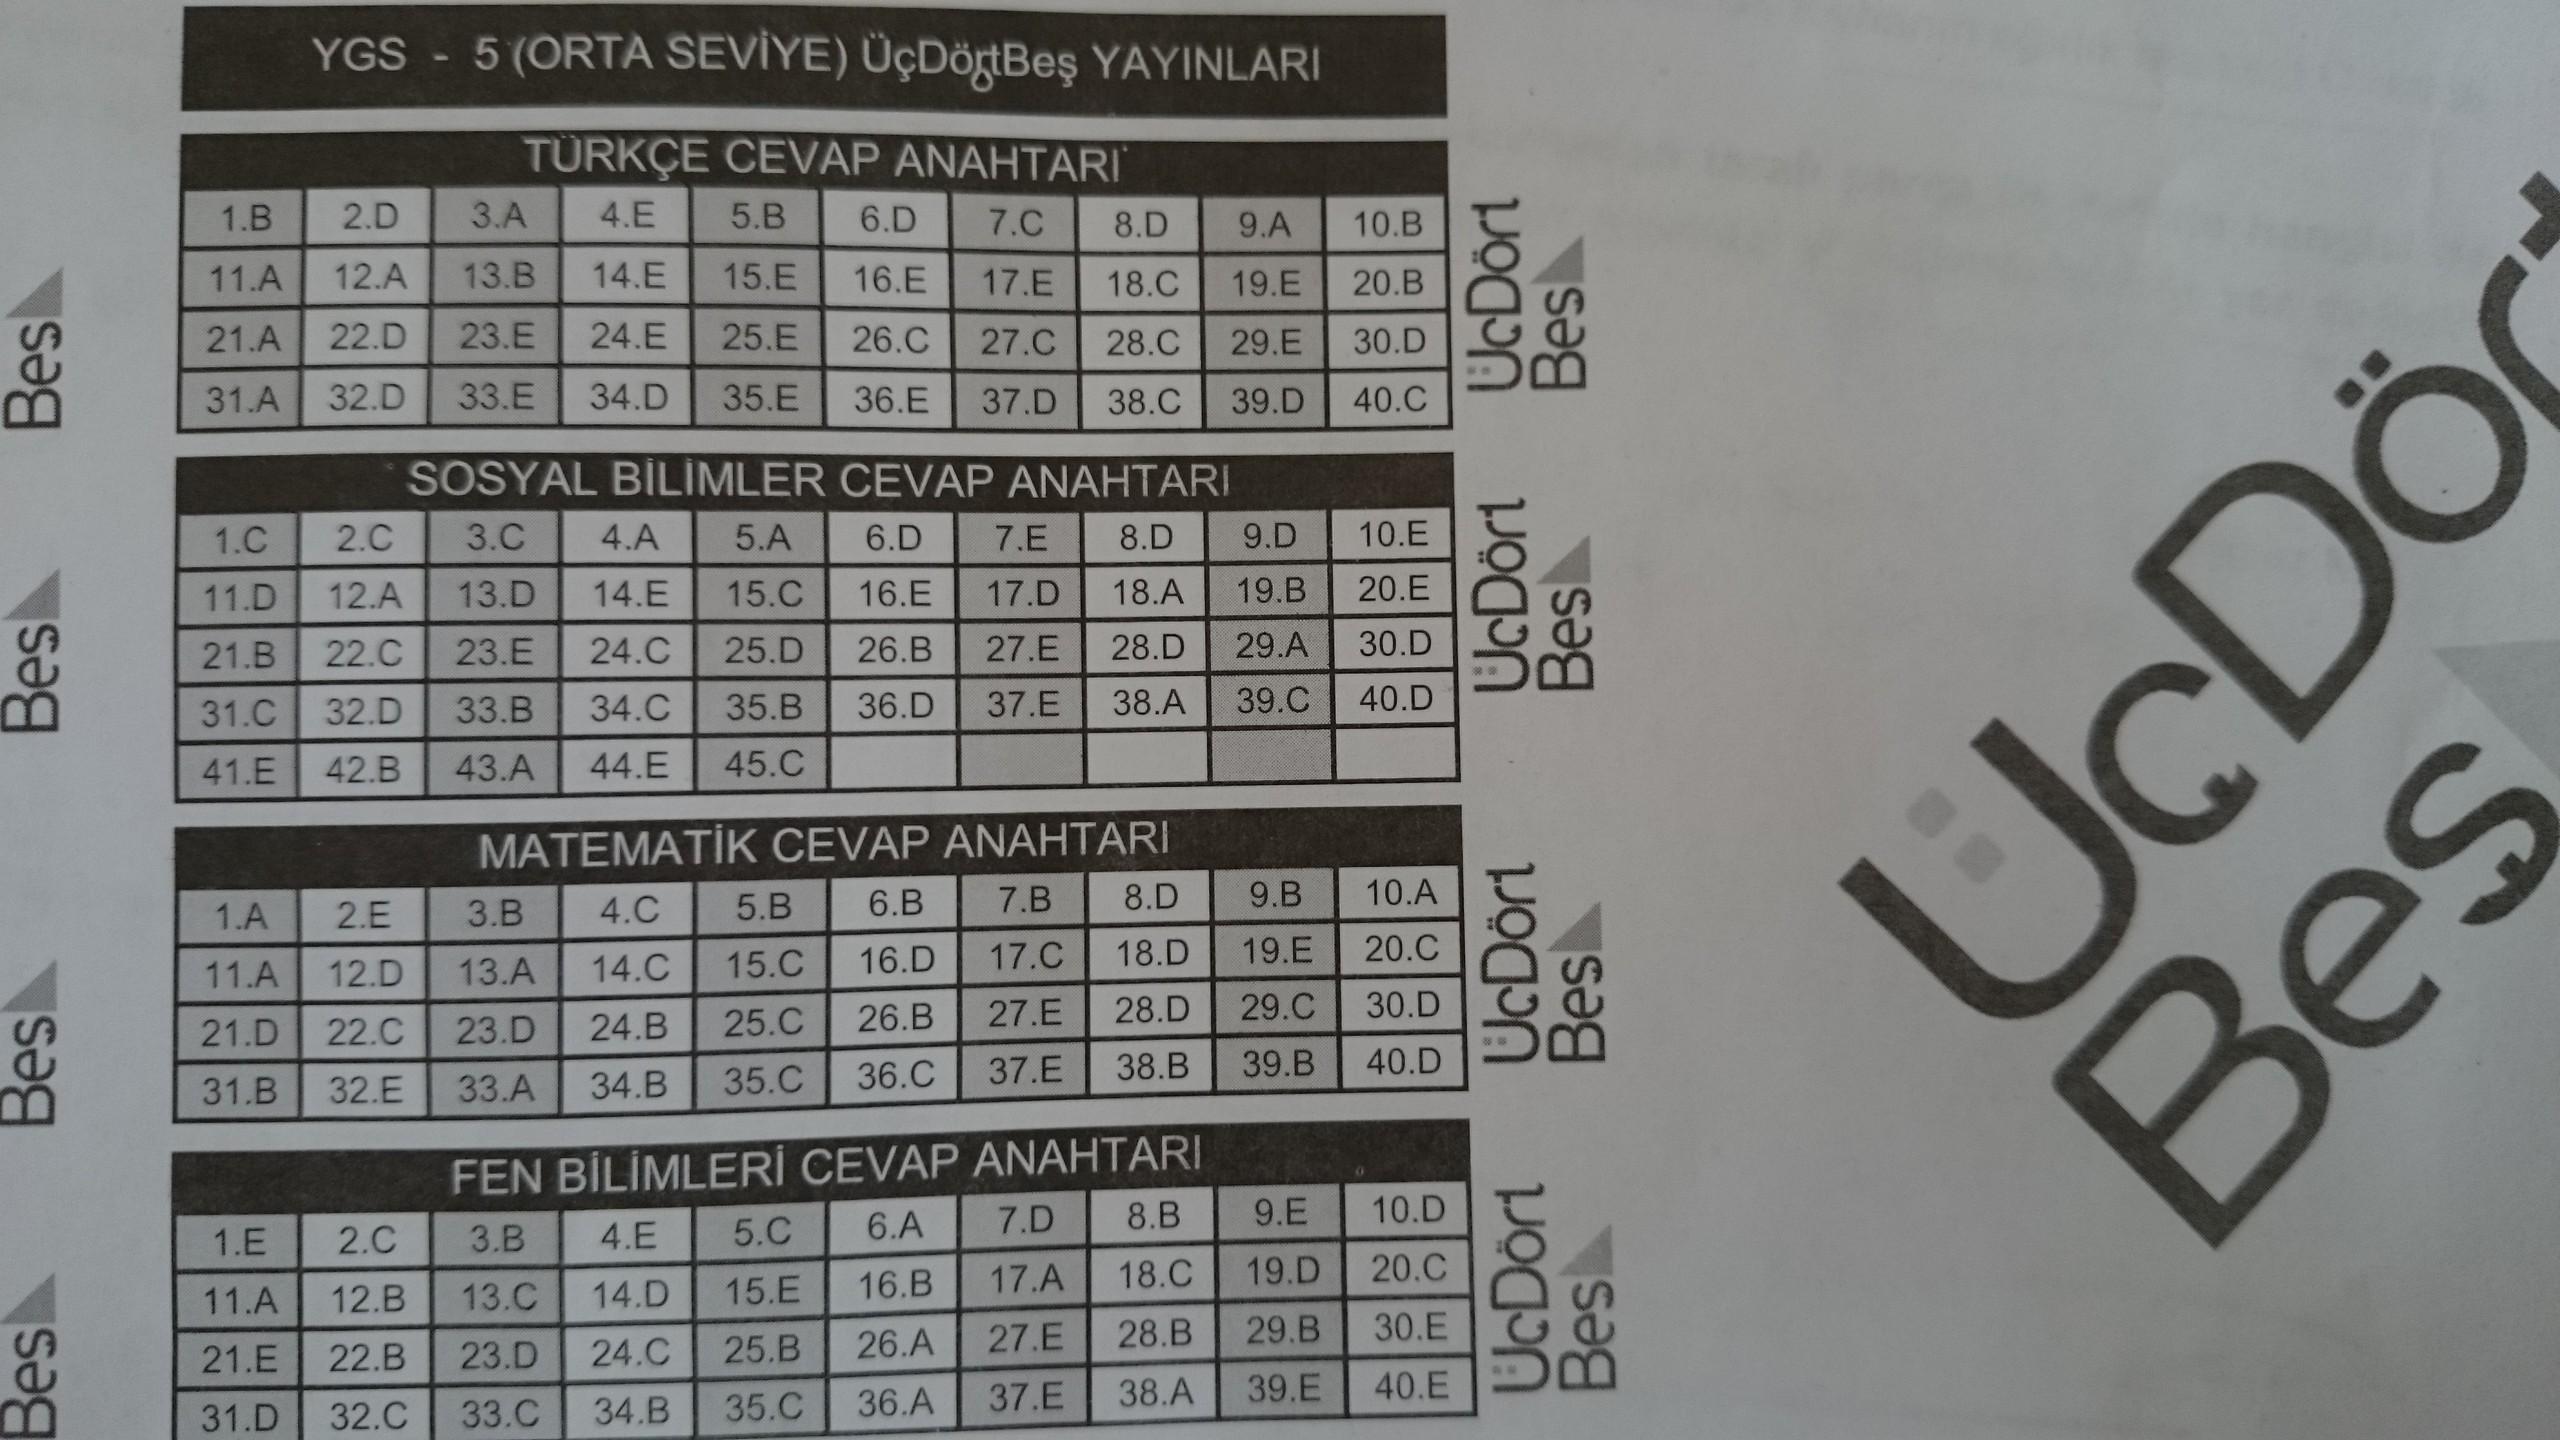 345 Orta Seviye 5deneme Cevap Anahtarı Sayfa 1 1